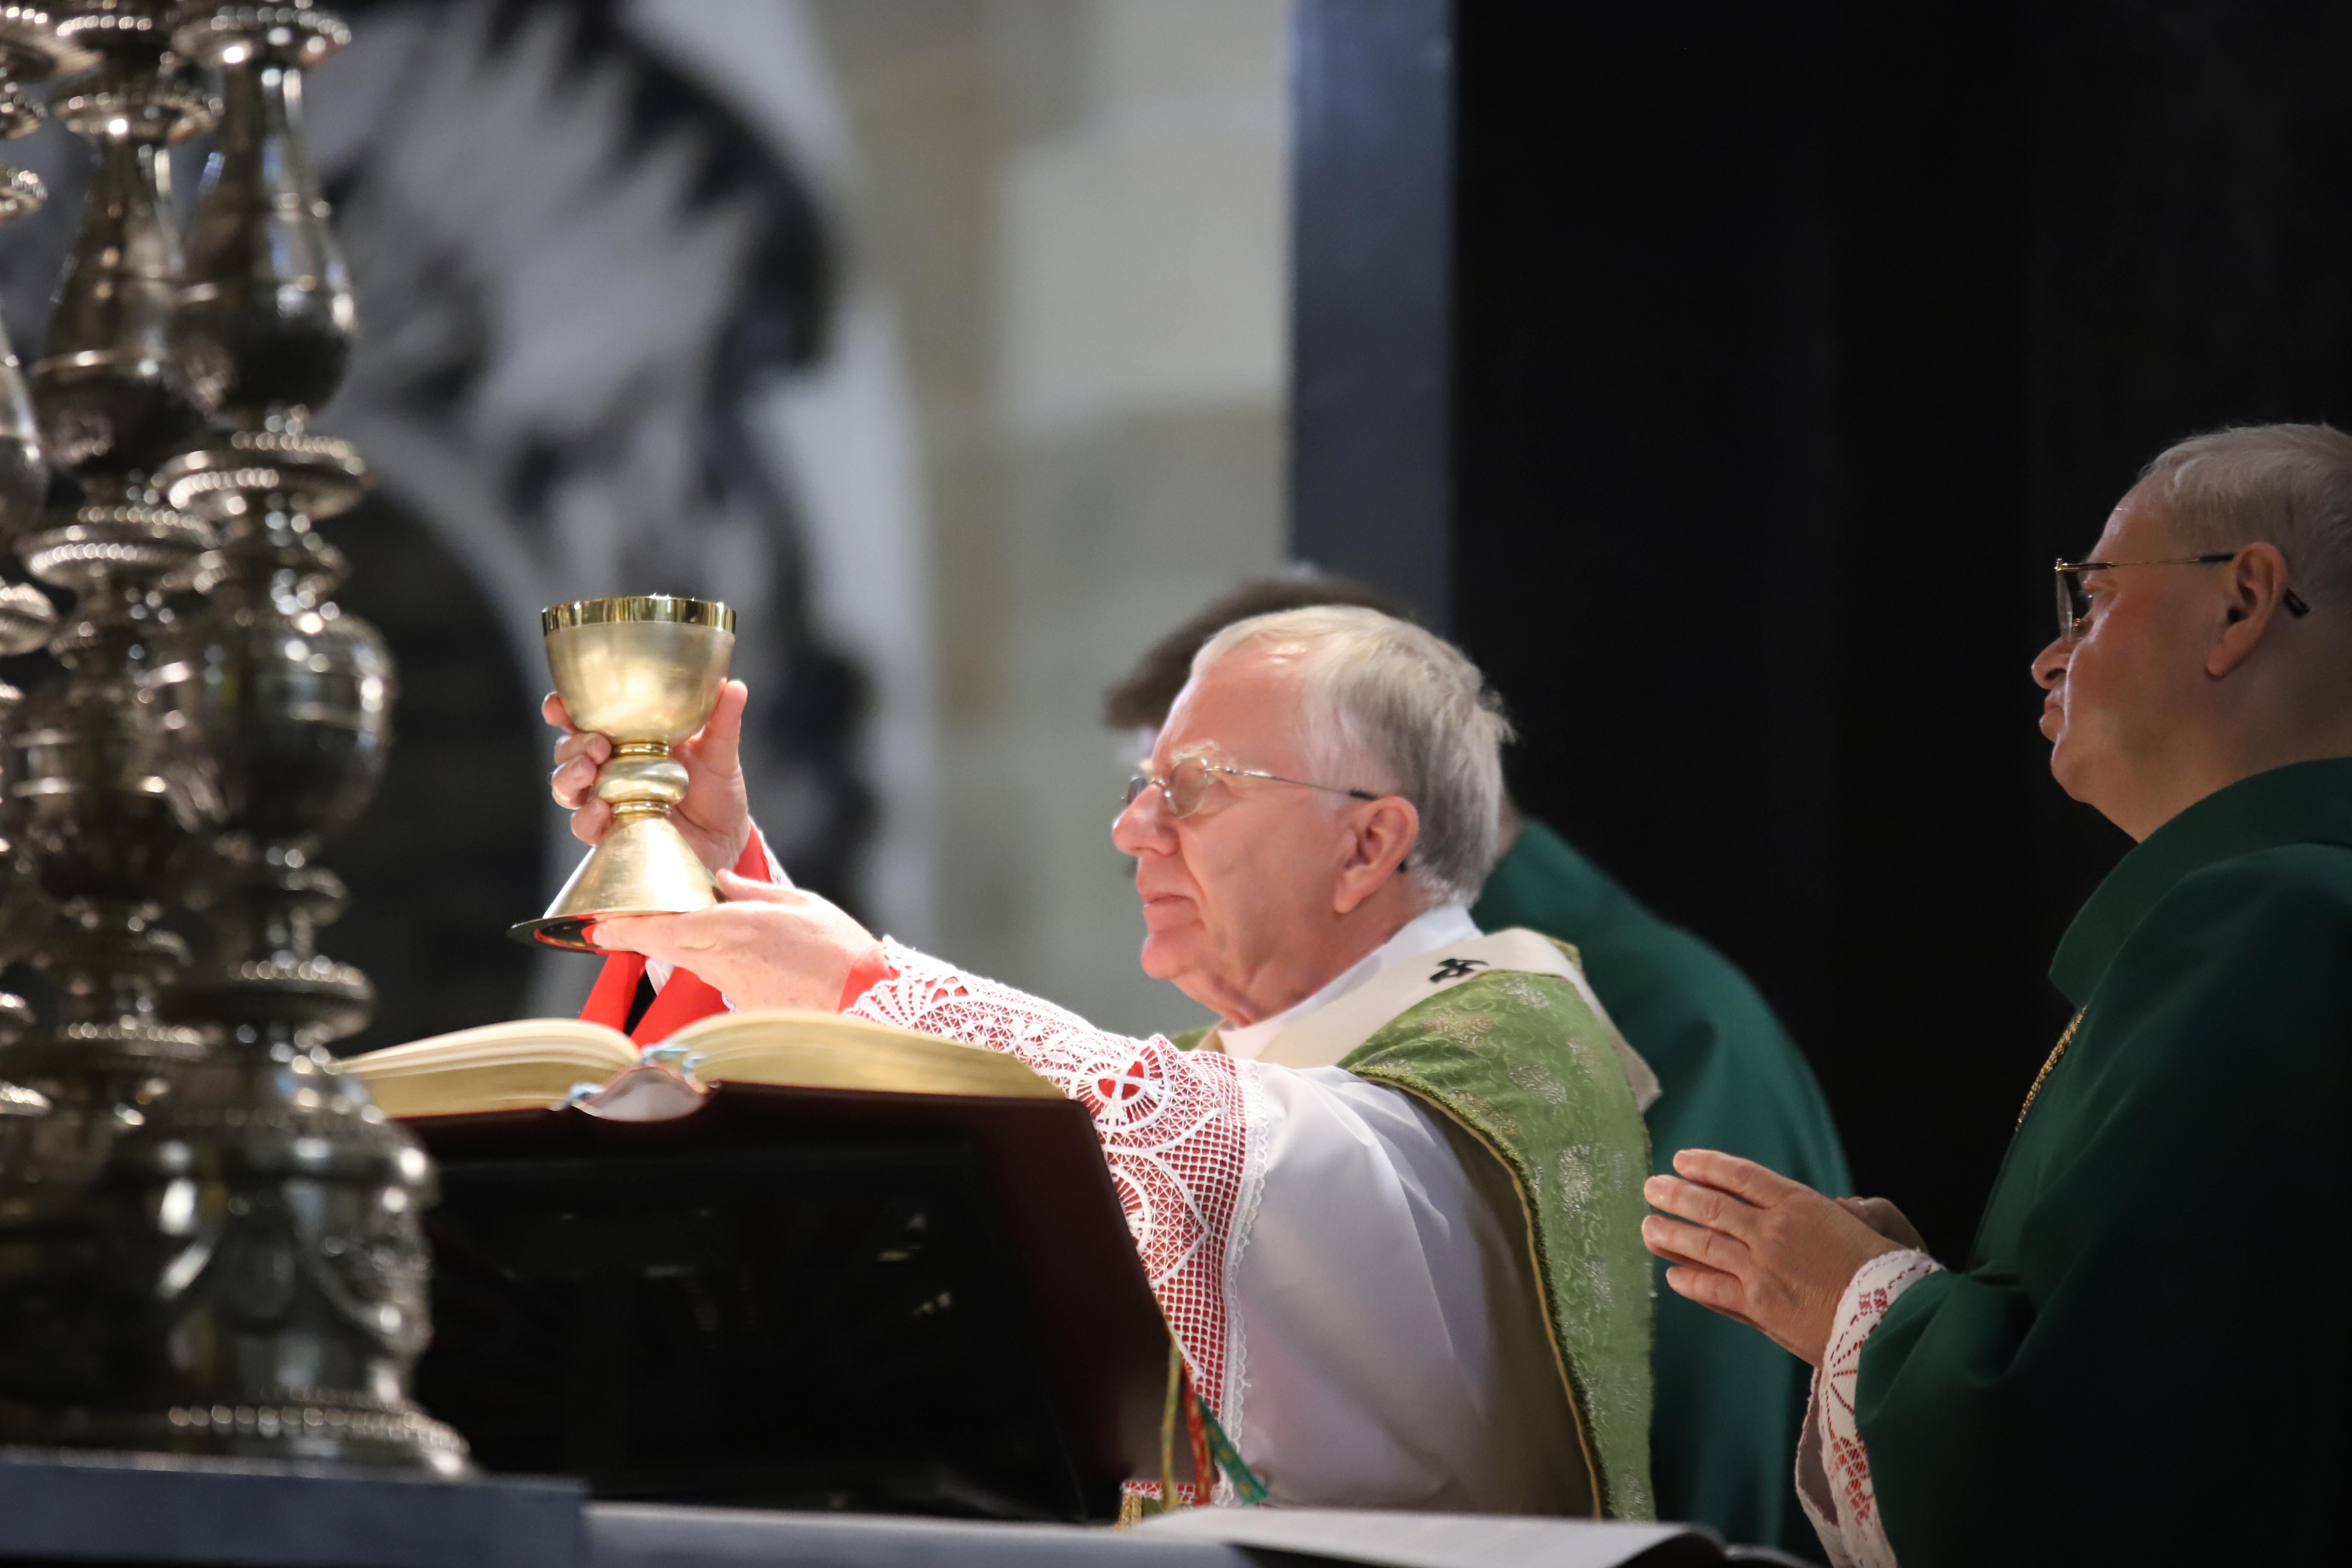 Kardynał Franciszek żył tajemnicą Bożego Miłosierdzia